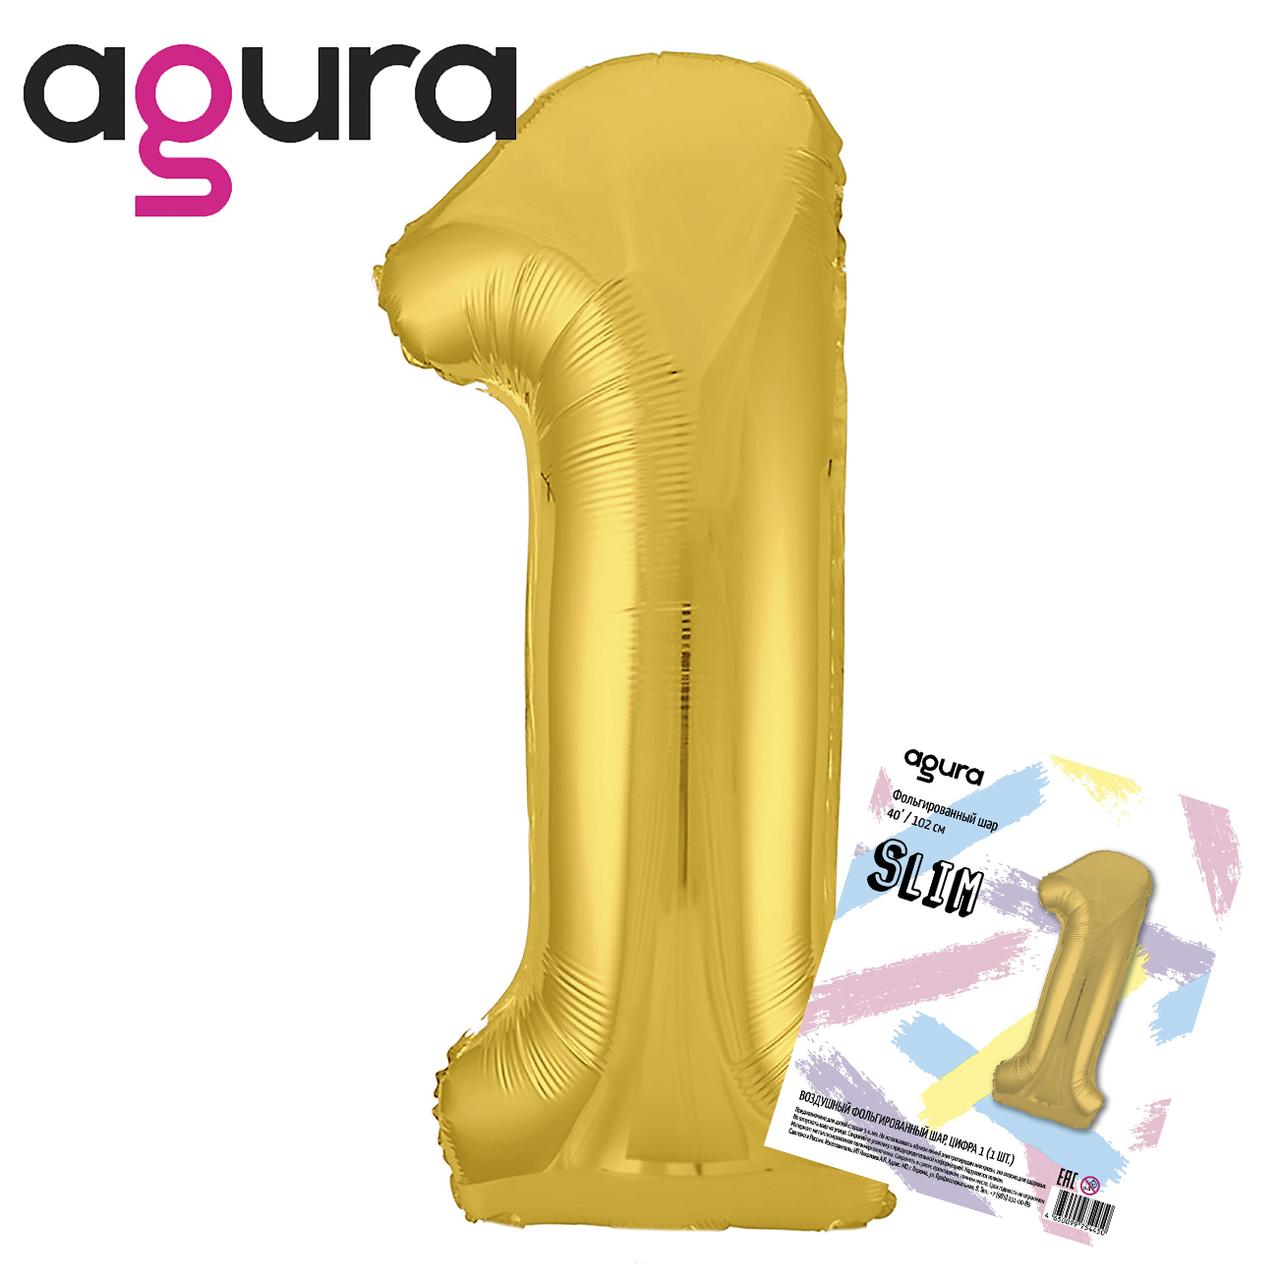 Фольгированная цифра 1(40') Agura Slim золото в упаковке, 102 см